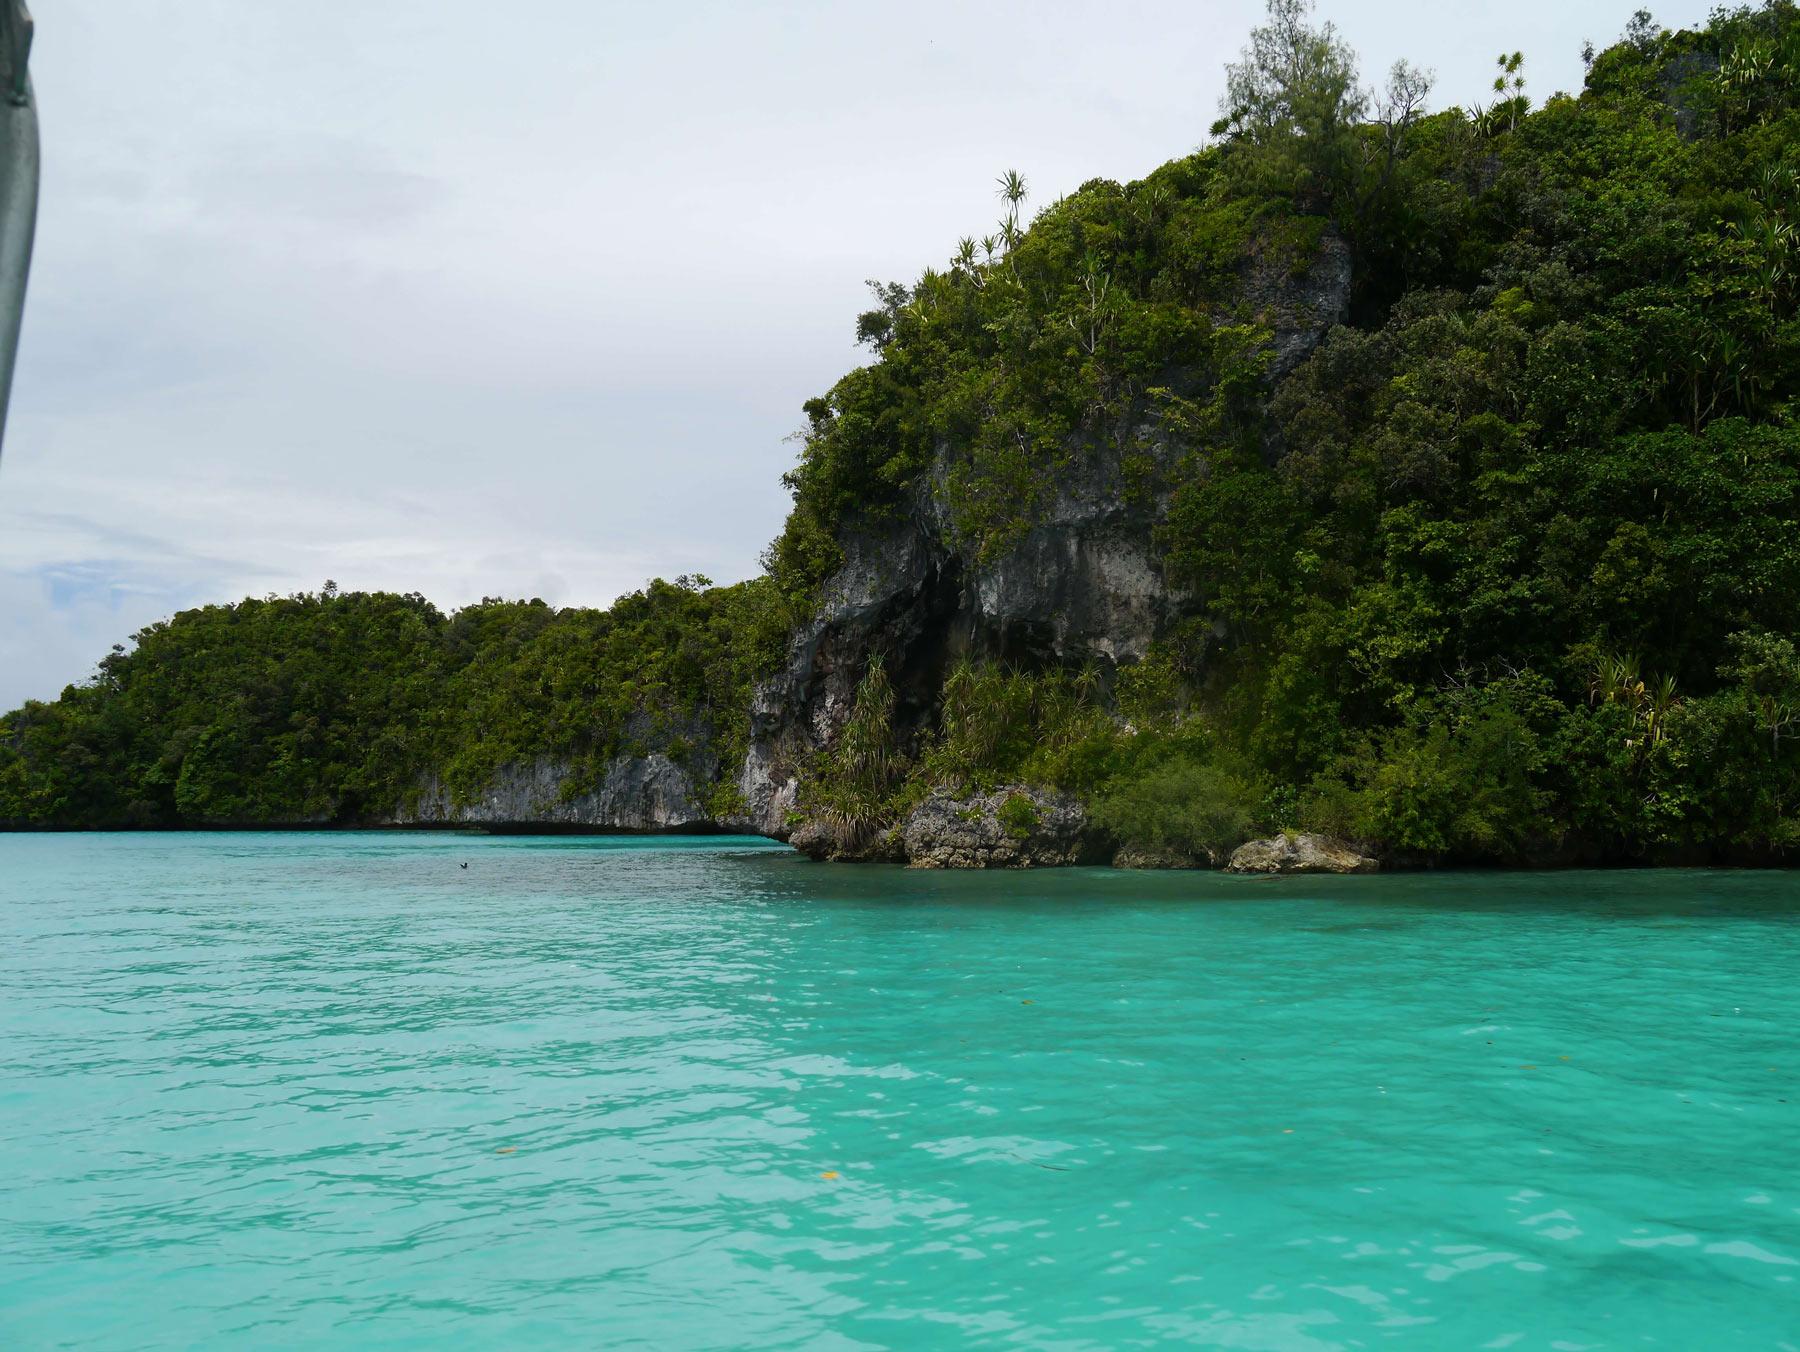 Das kristallklare, türkisfarbene Wasser im Inselparadies Palau eignet sich perfekt zum Tauchen.